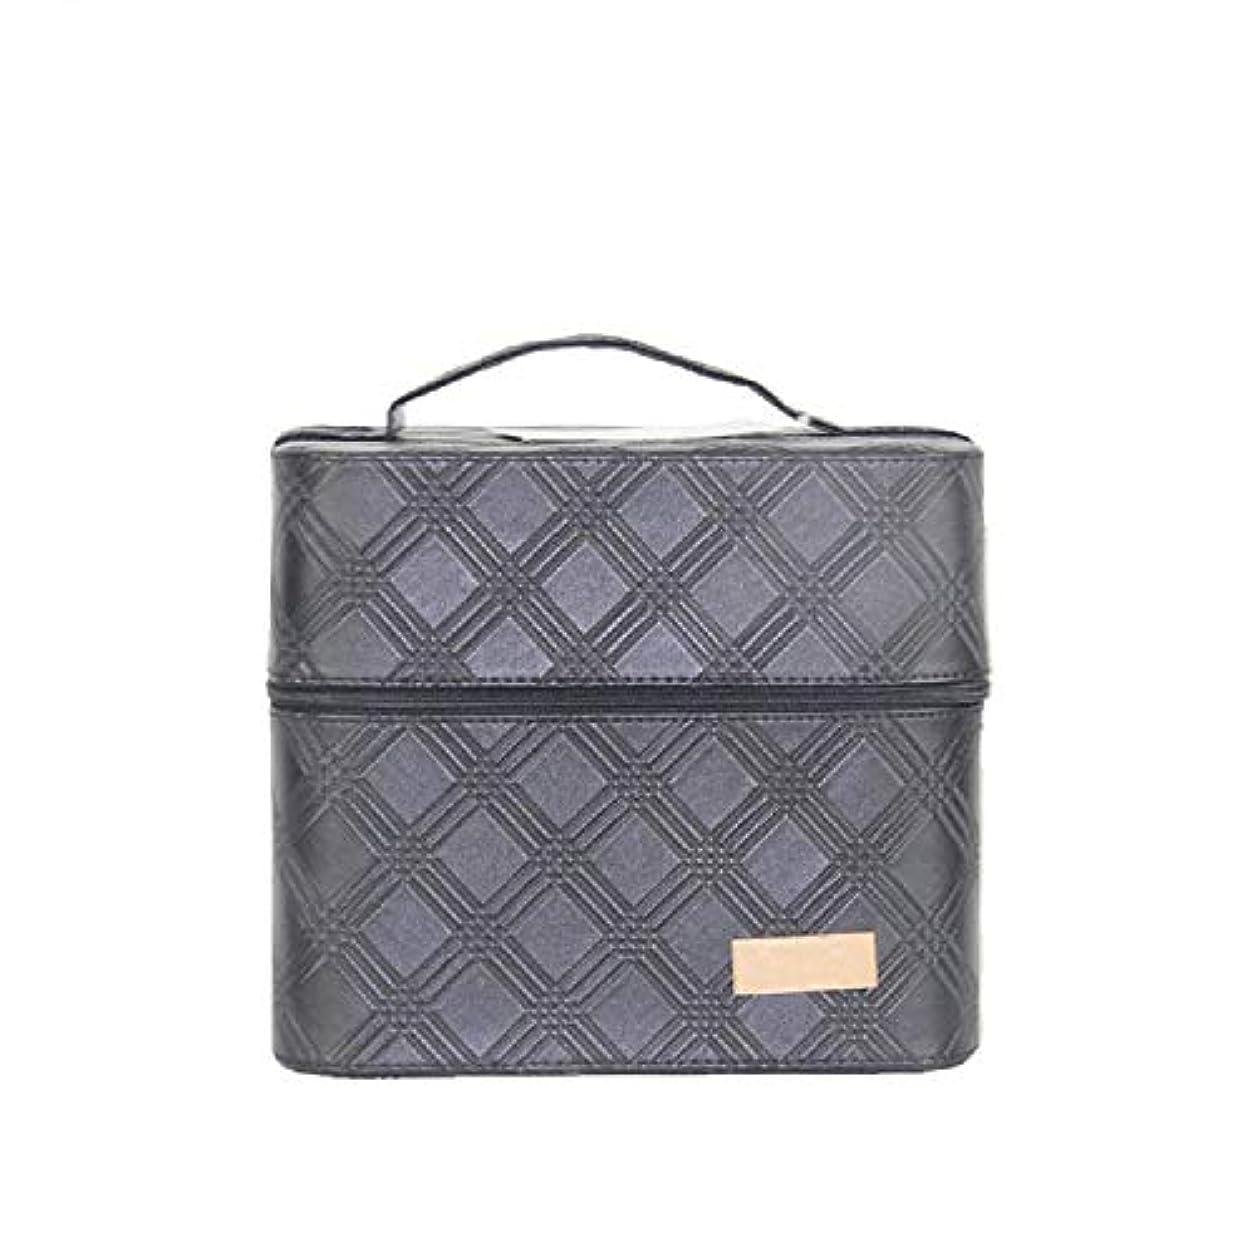 複合忠実リビングルーム化粧オーガナイザーバッグ ジッパーと2つのトレイで小さなものの種類の旅行のための美容メイクアップのための黒のポータブル化粧品バッグ 化粧品ケース